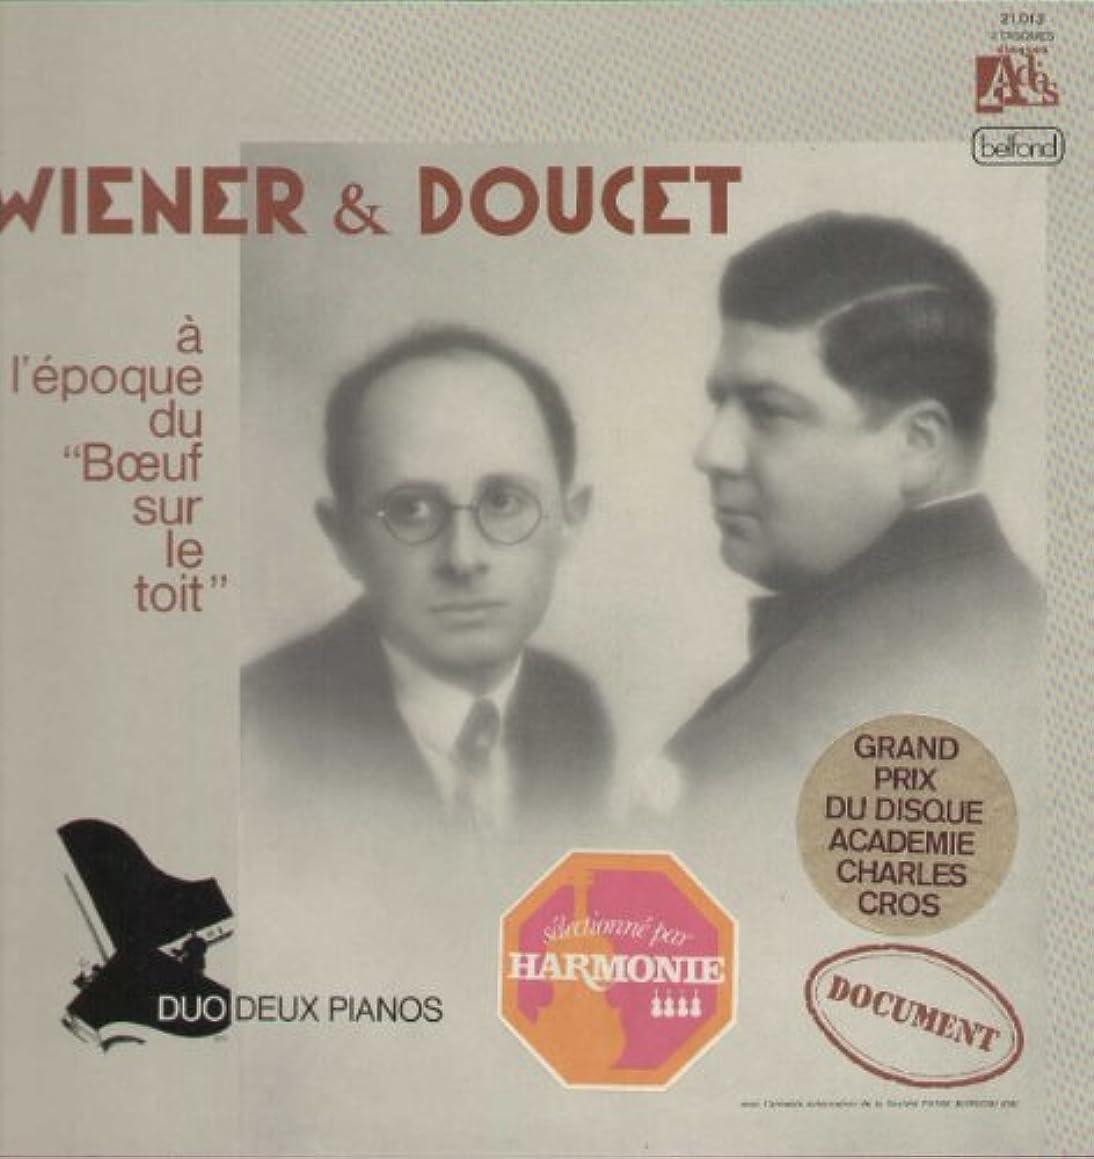 (VINYL LP) A L'Epoque Du Boeuf Sur Le Toit Duo Deux Piano